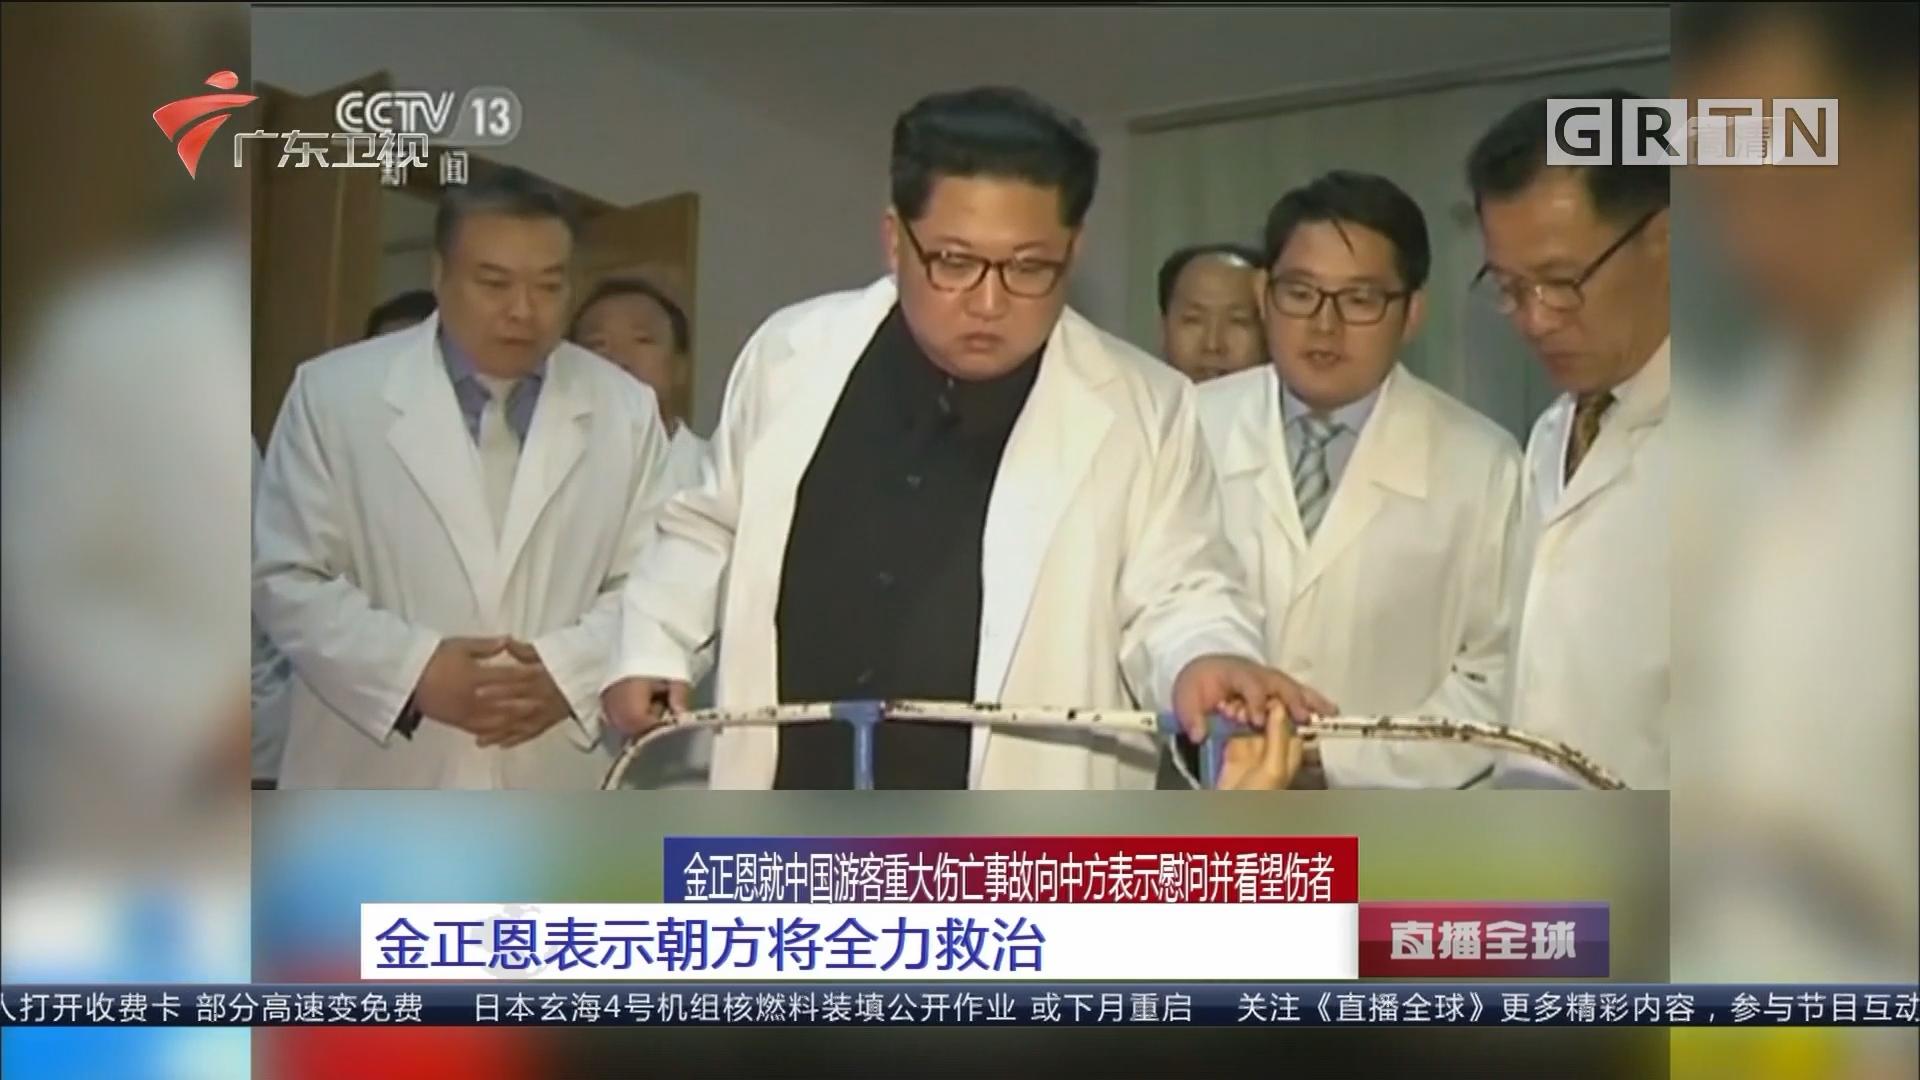 金正恩就中国游客重大伤亡事故向中方表示慰问并看望伤者 金正恩表示朝方将全力救治